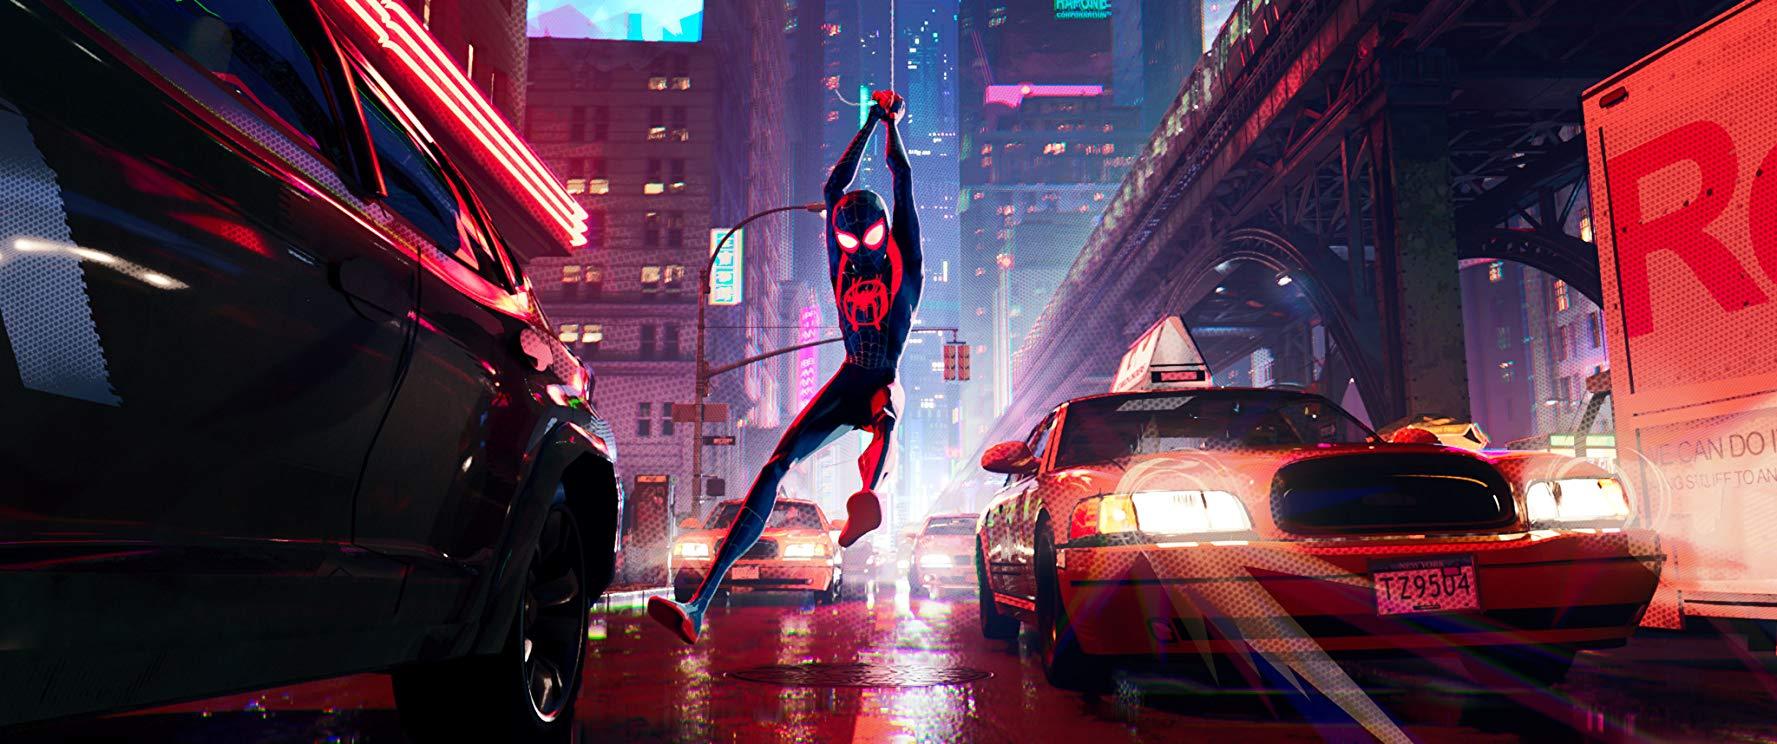 Belum Juga Tayang, Film Animasi 'Spider-Man' Masuk Nominasi Golden Globe